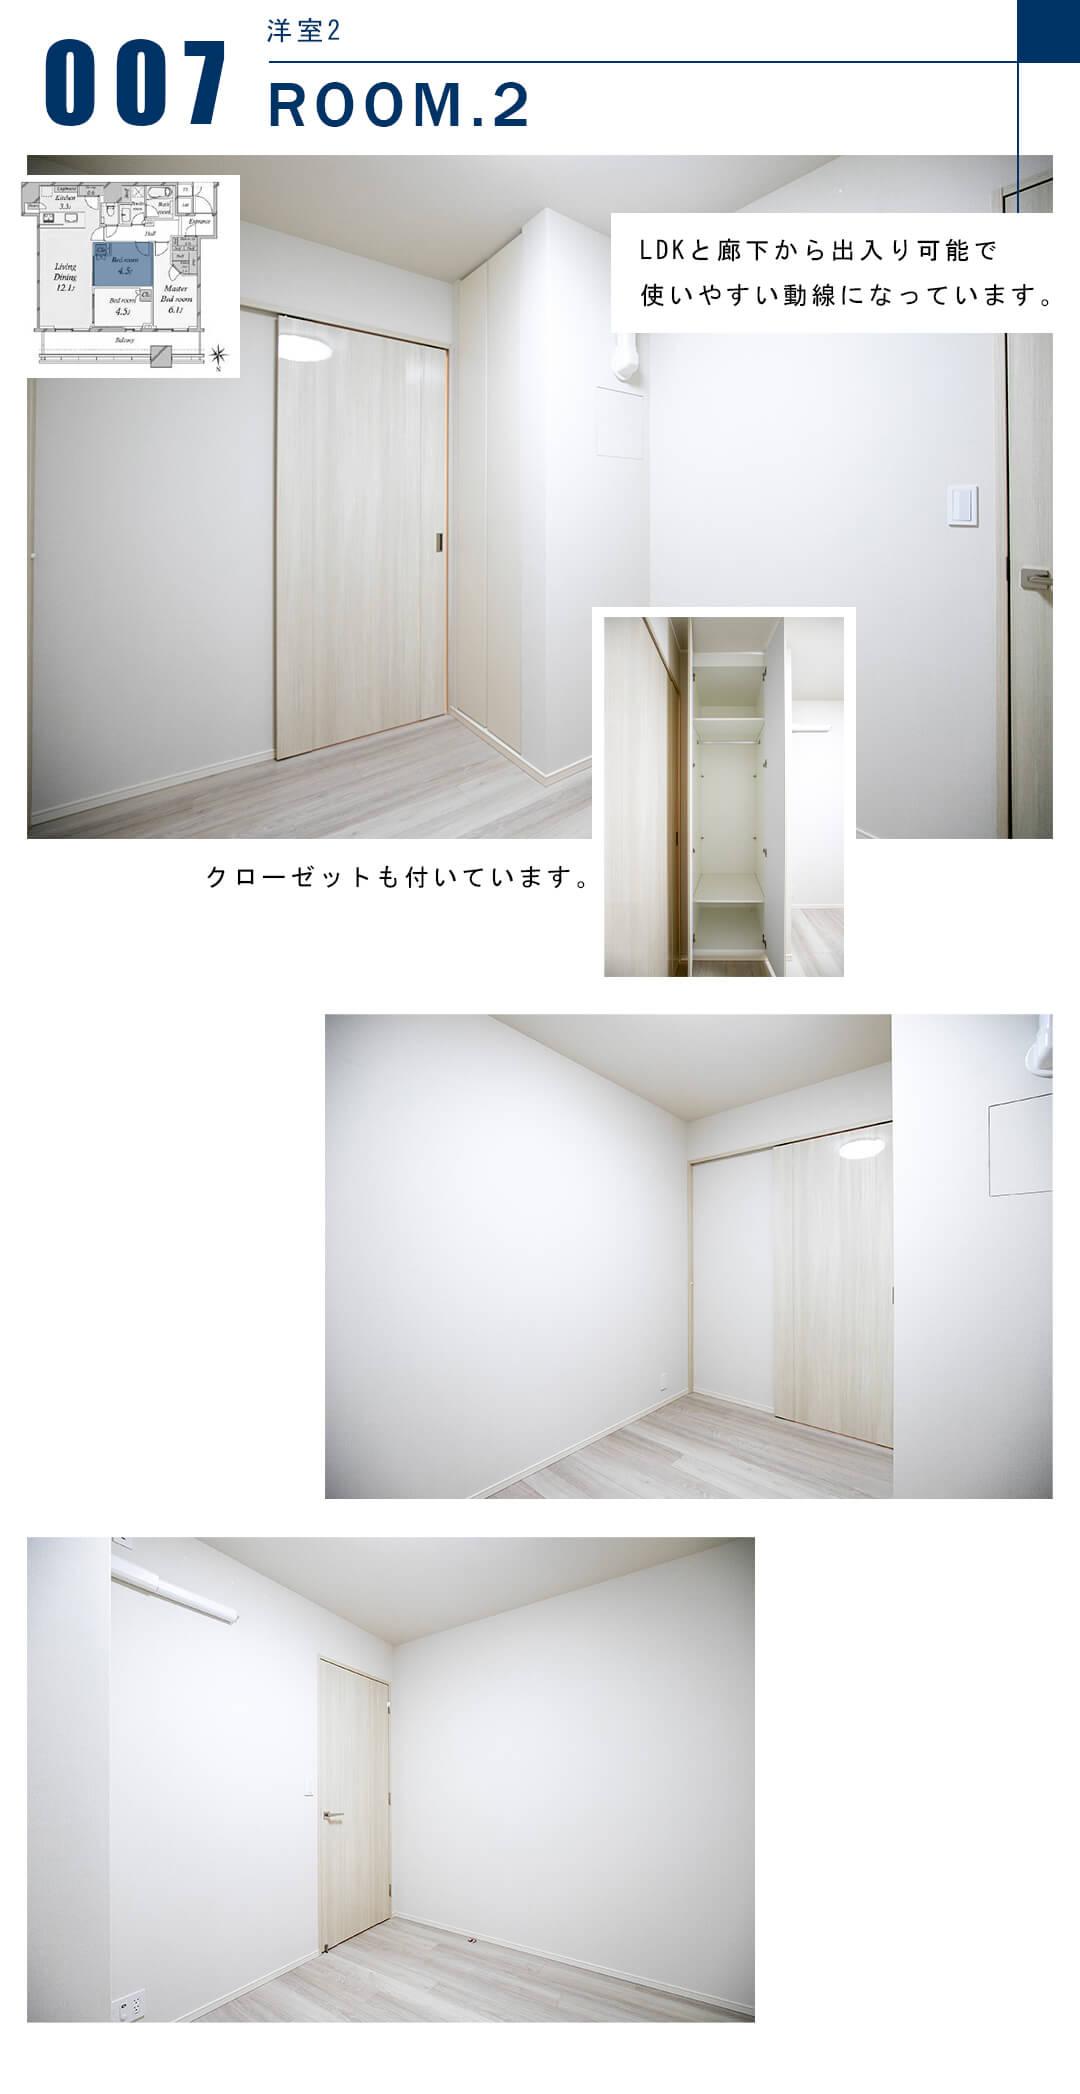 007洋室2,ROOM.2